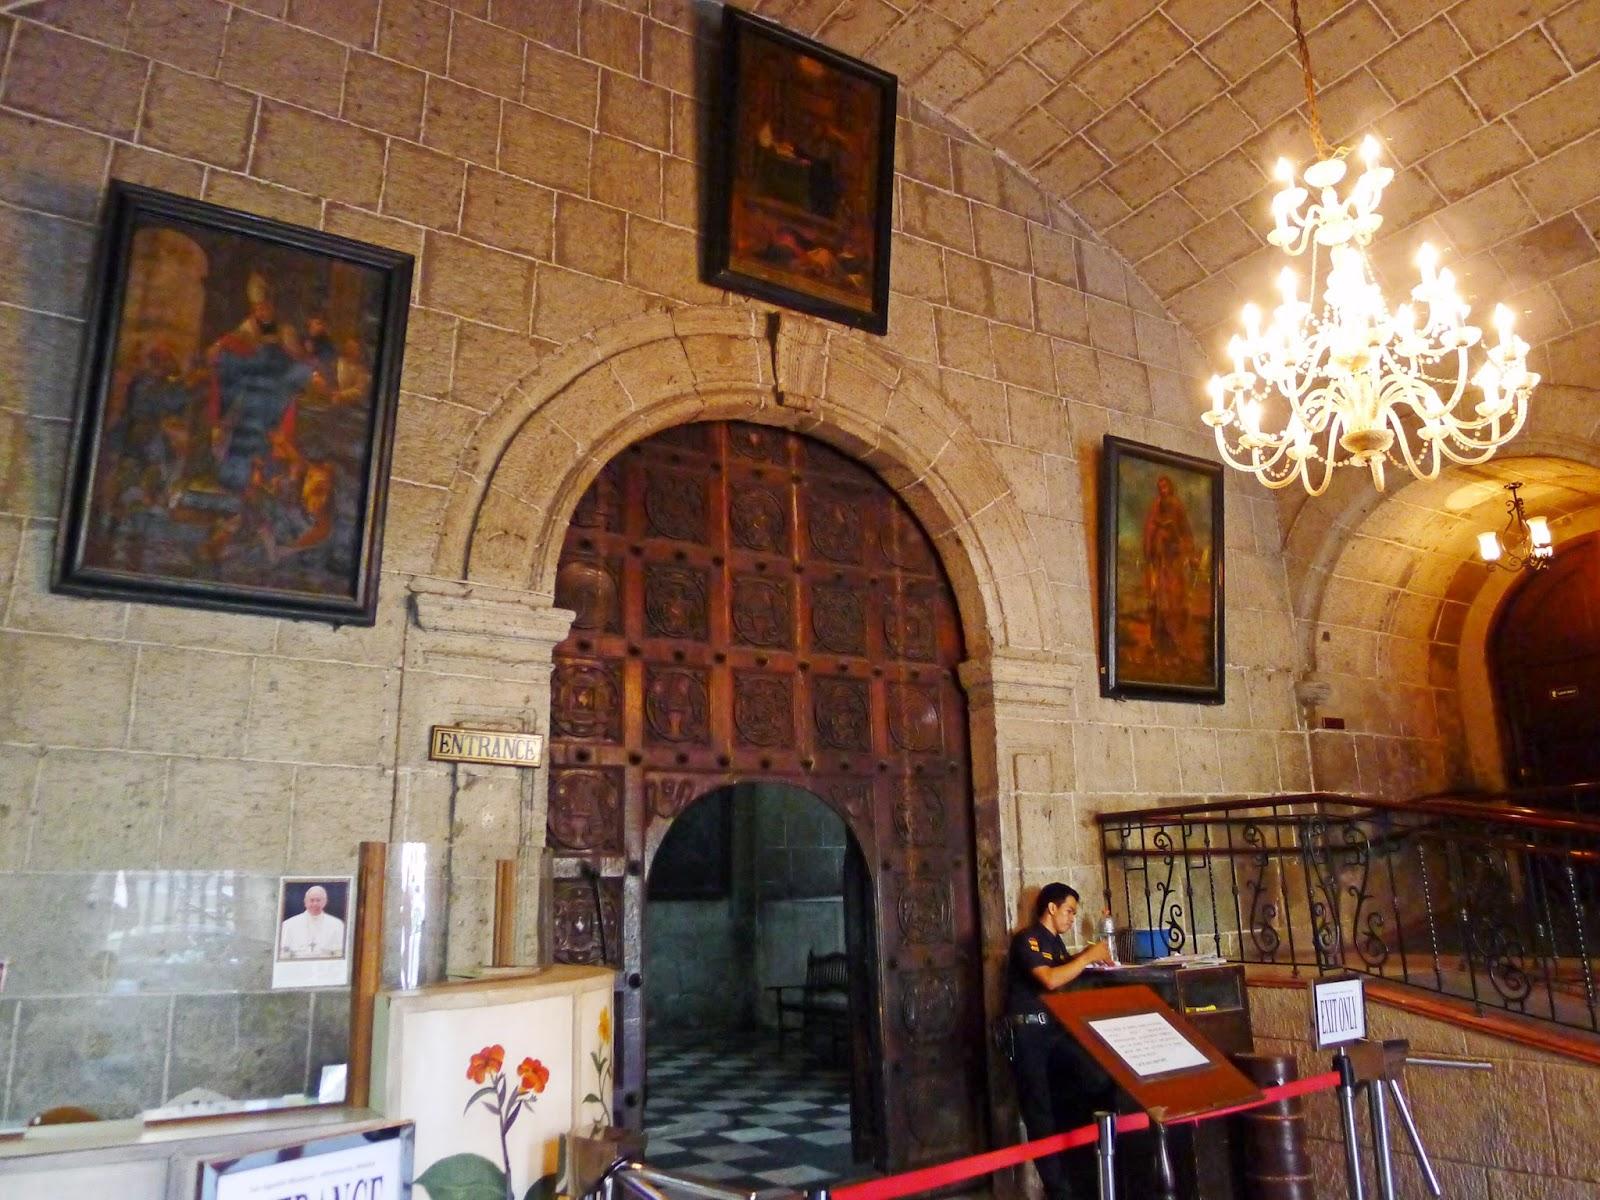 San Agustin Museum Entrance